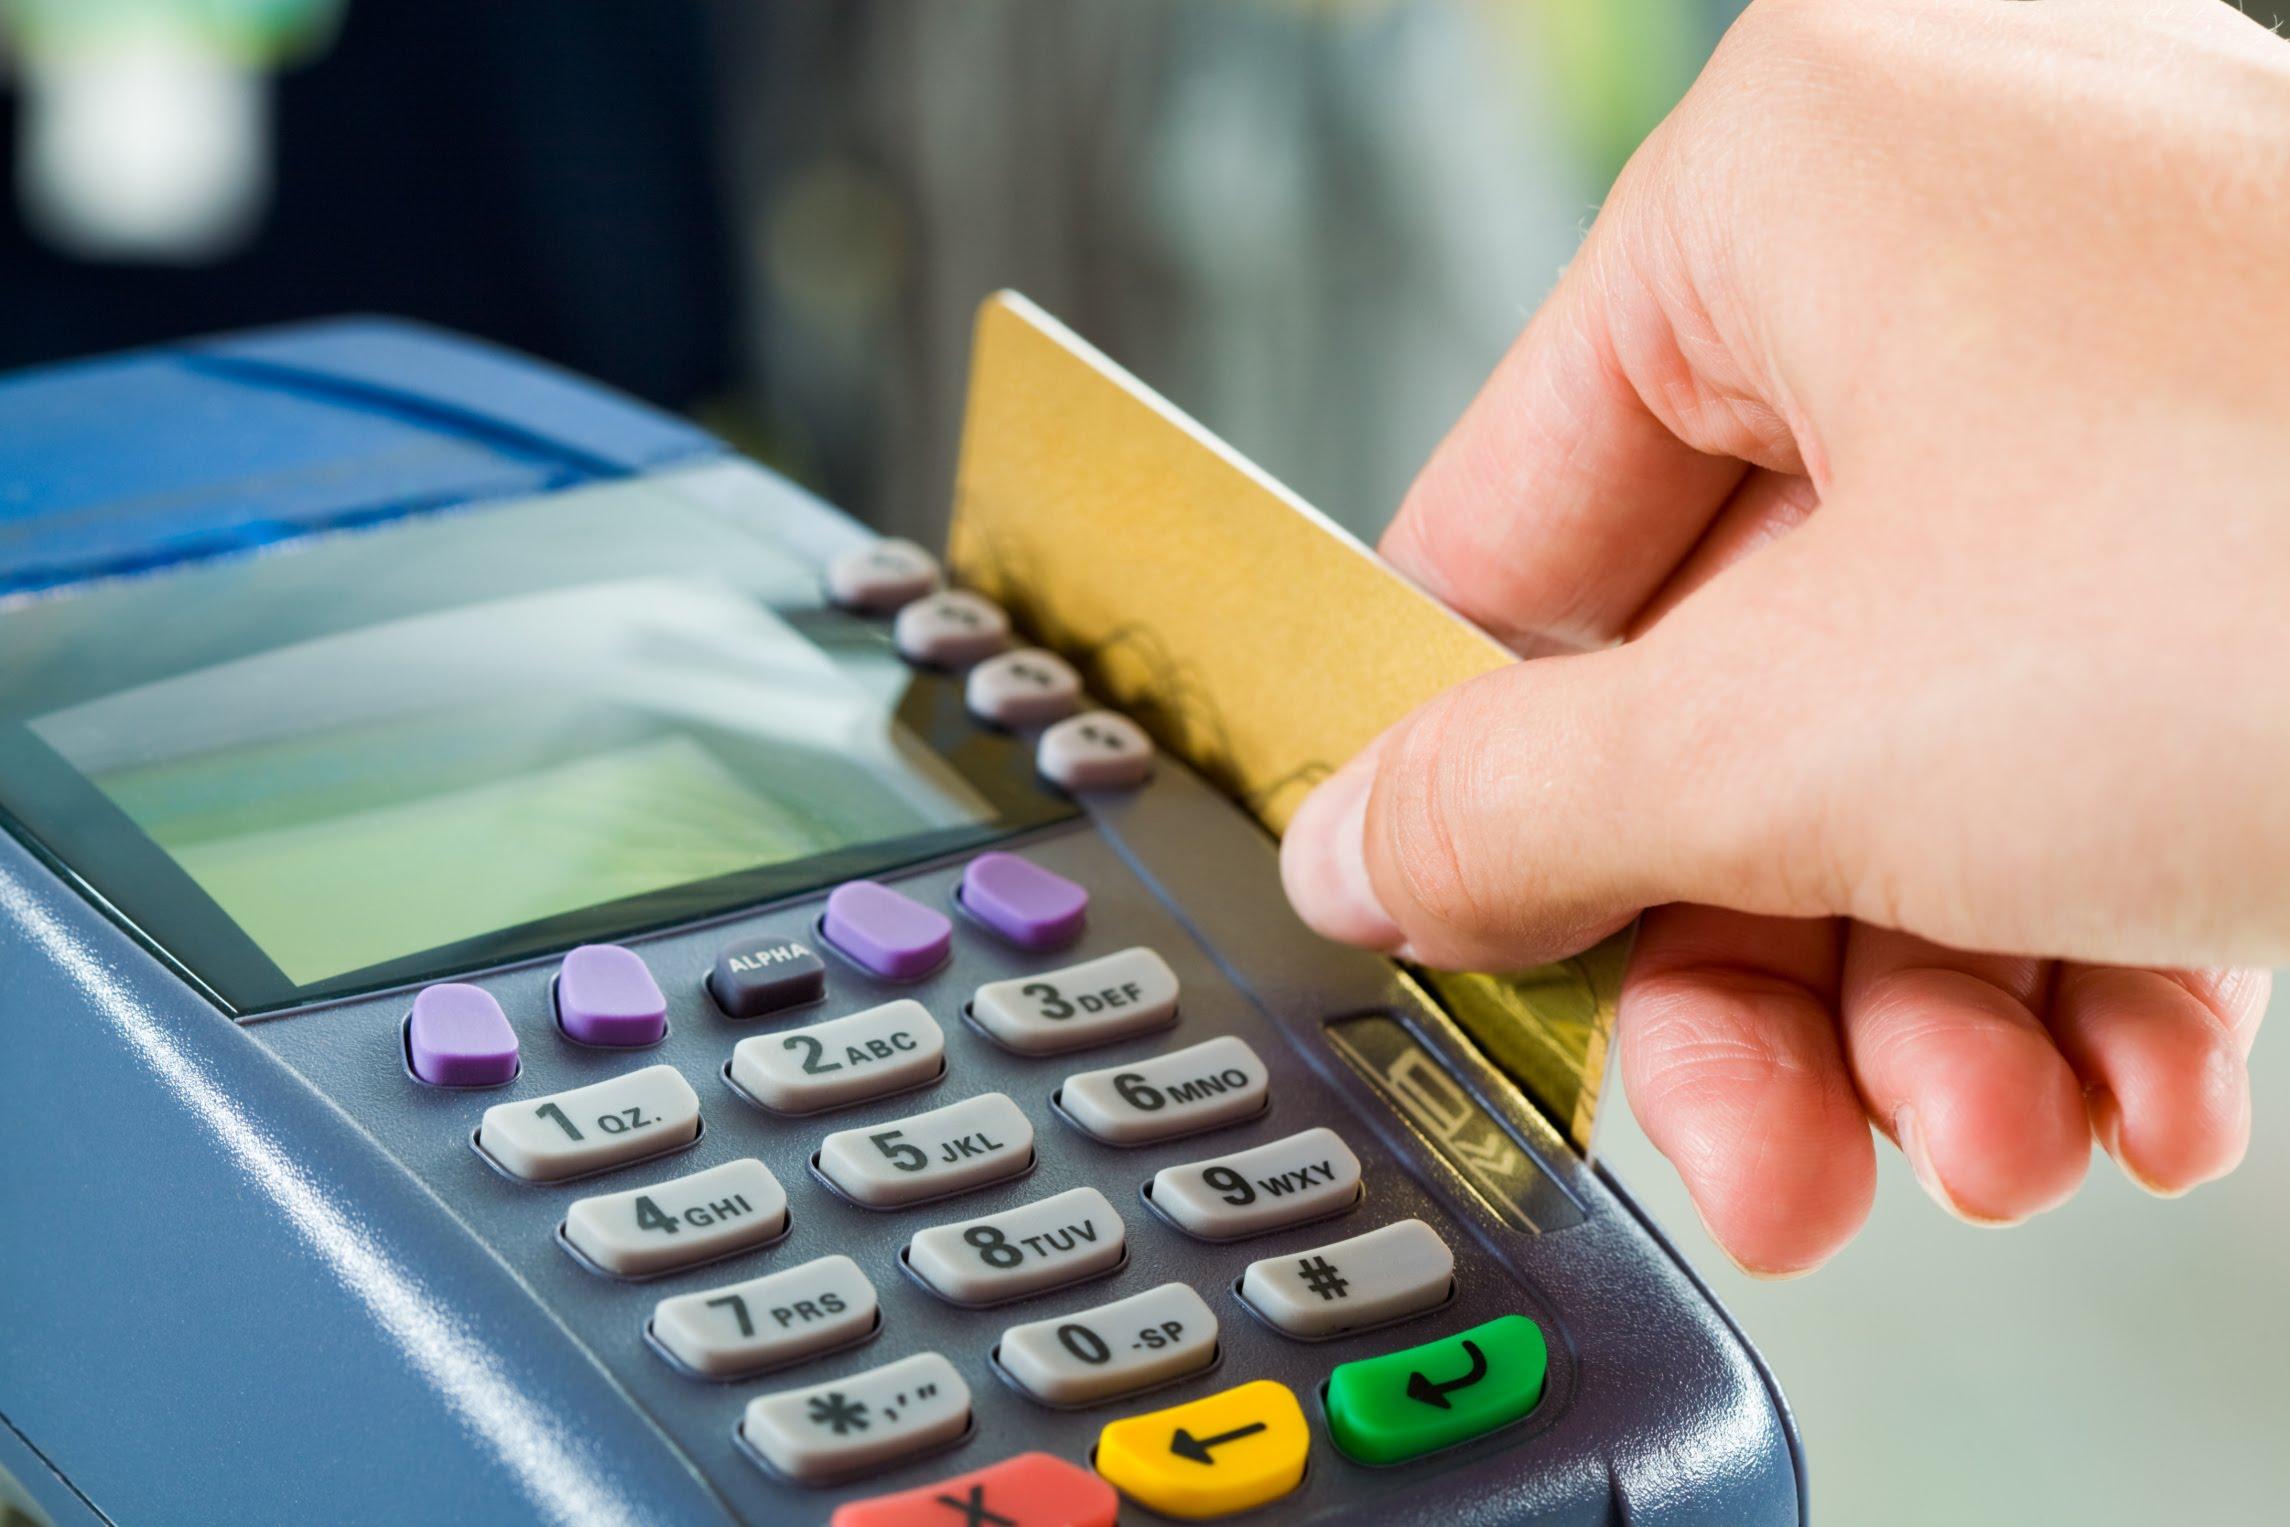 Украинские банки начали блокировать карты клиентов за долги по услугам ЖКХ